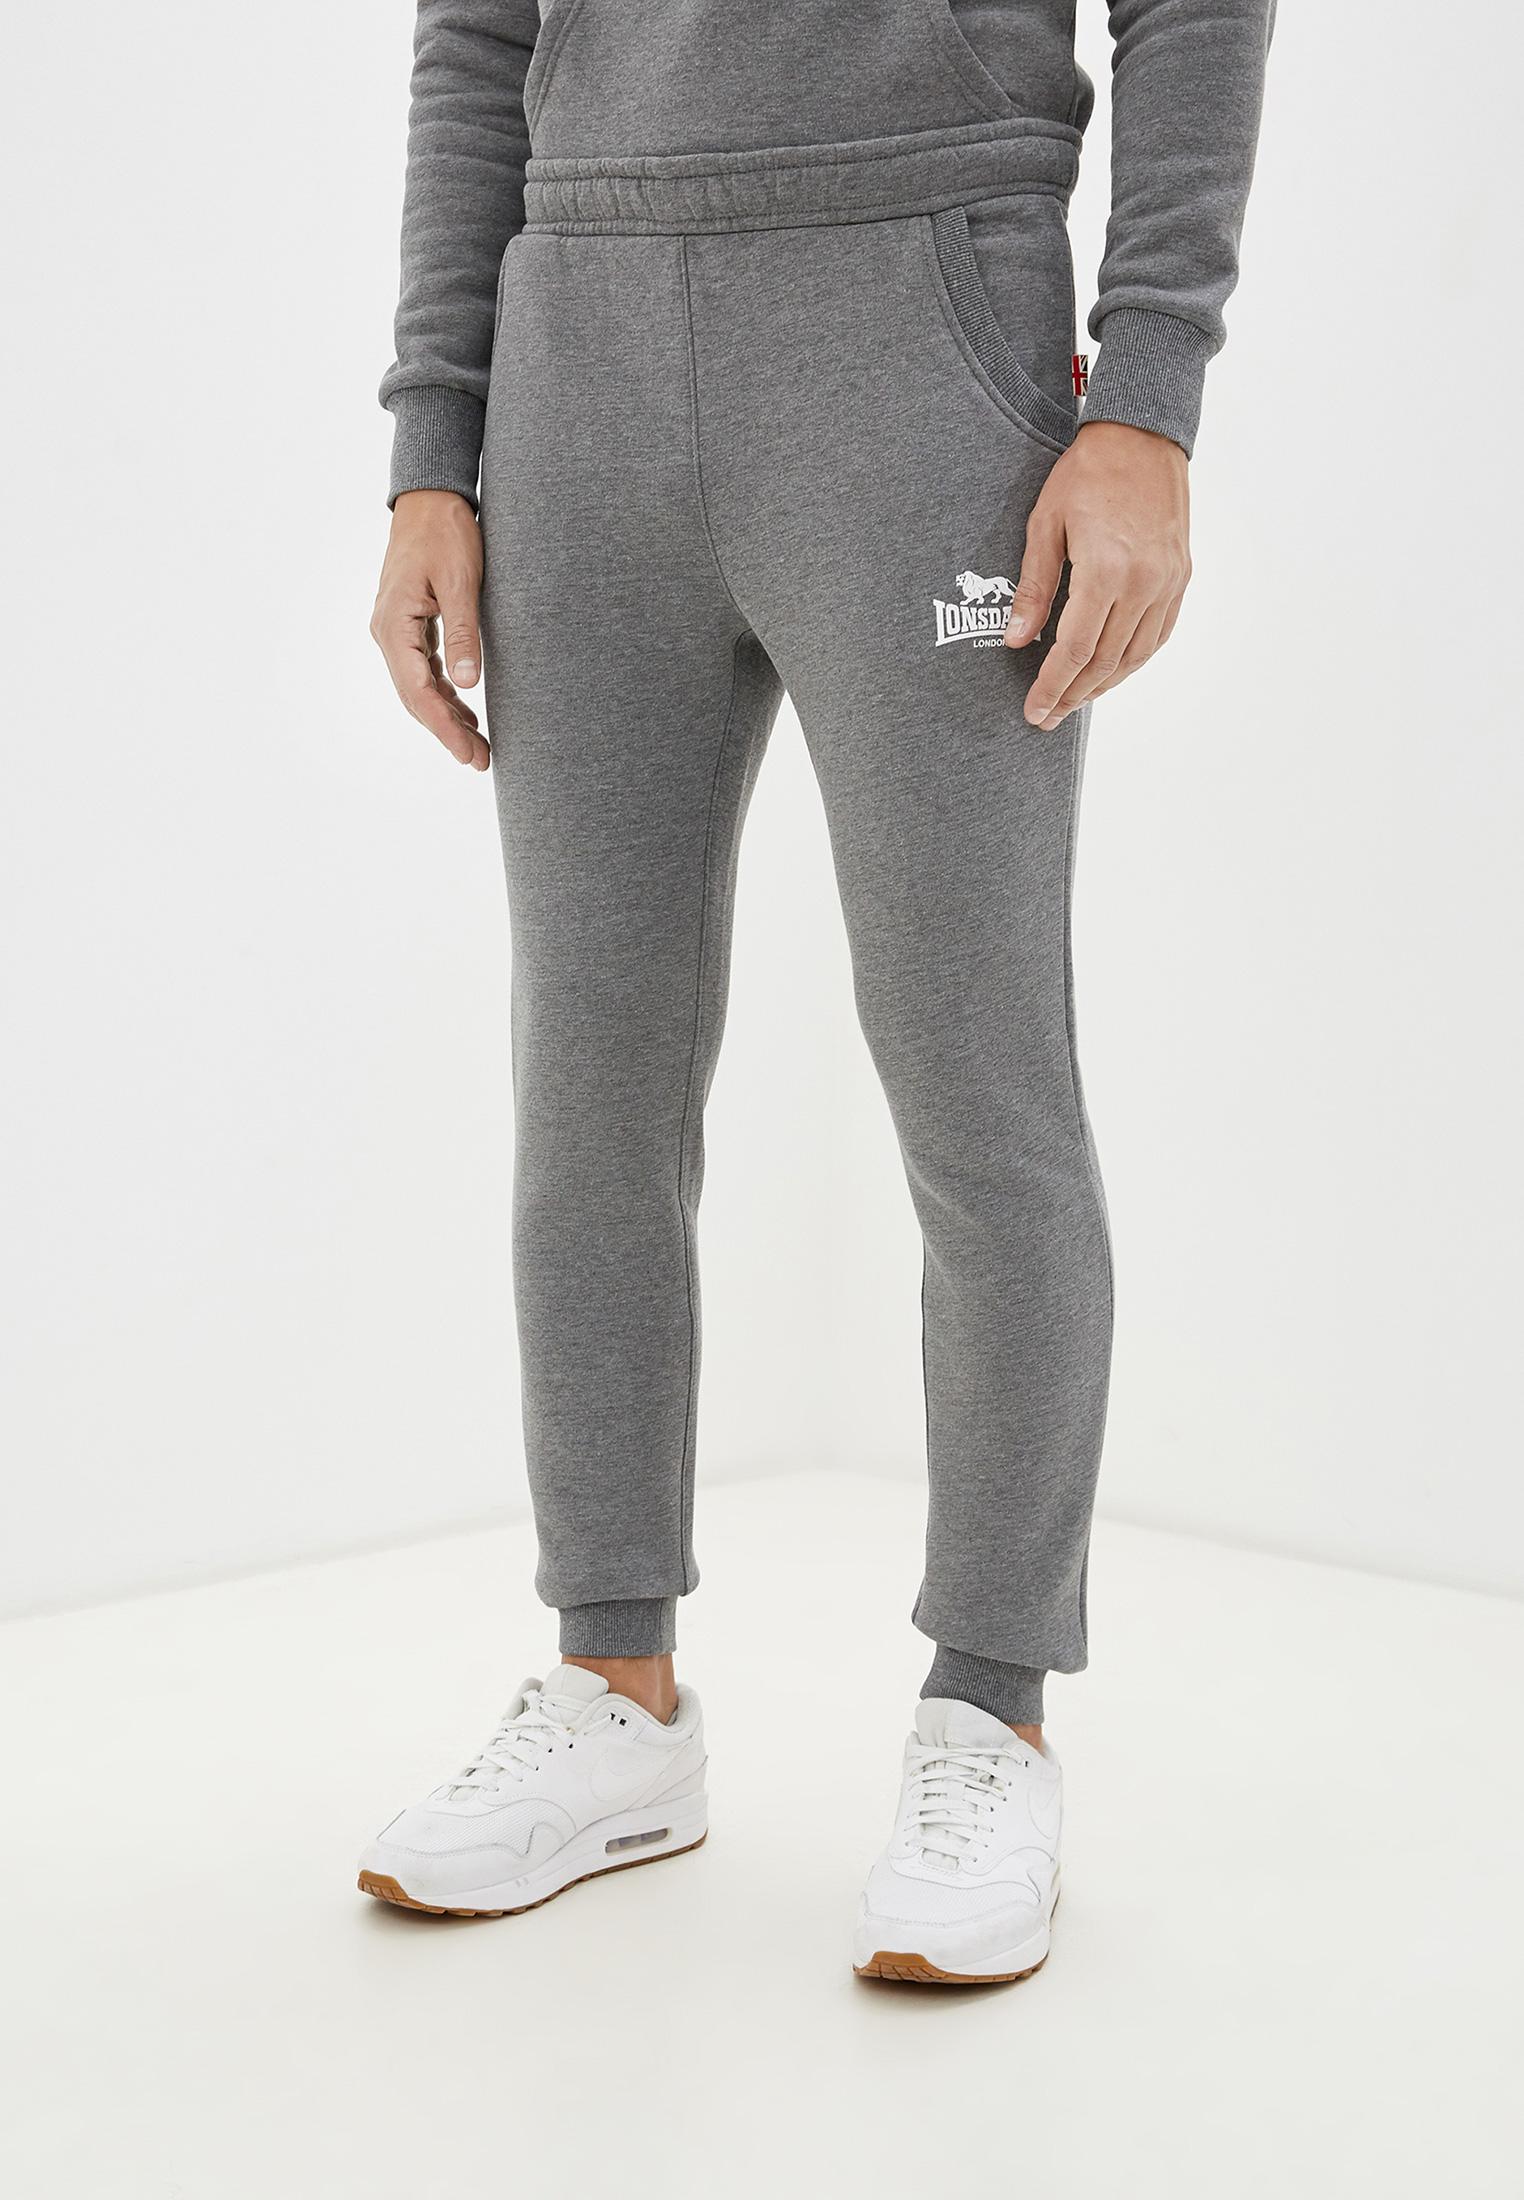 Мужские спортивные брюки Lonsdale MPNF045